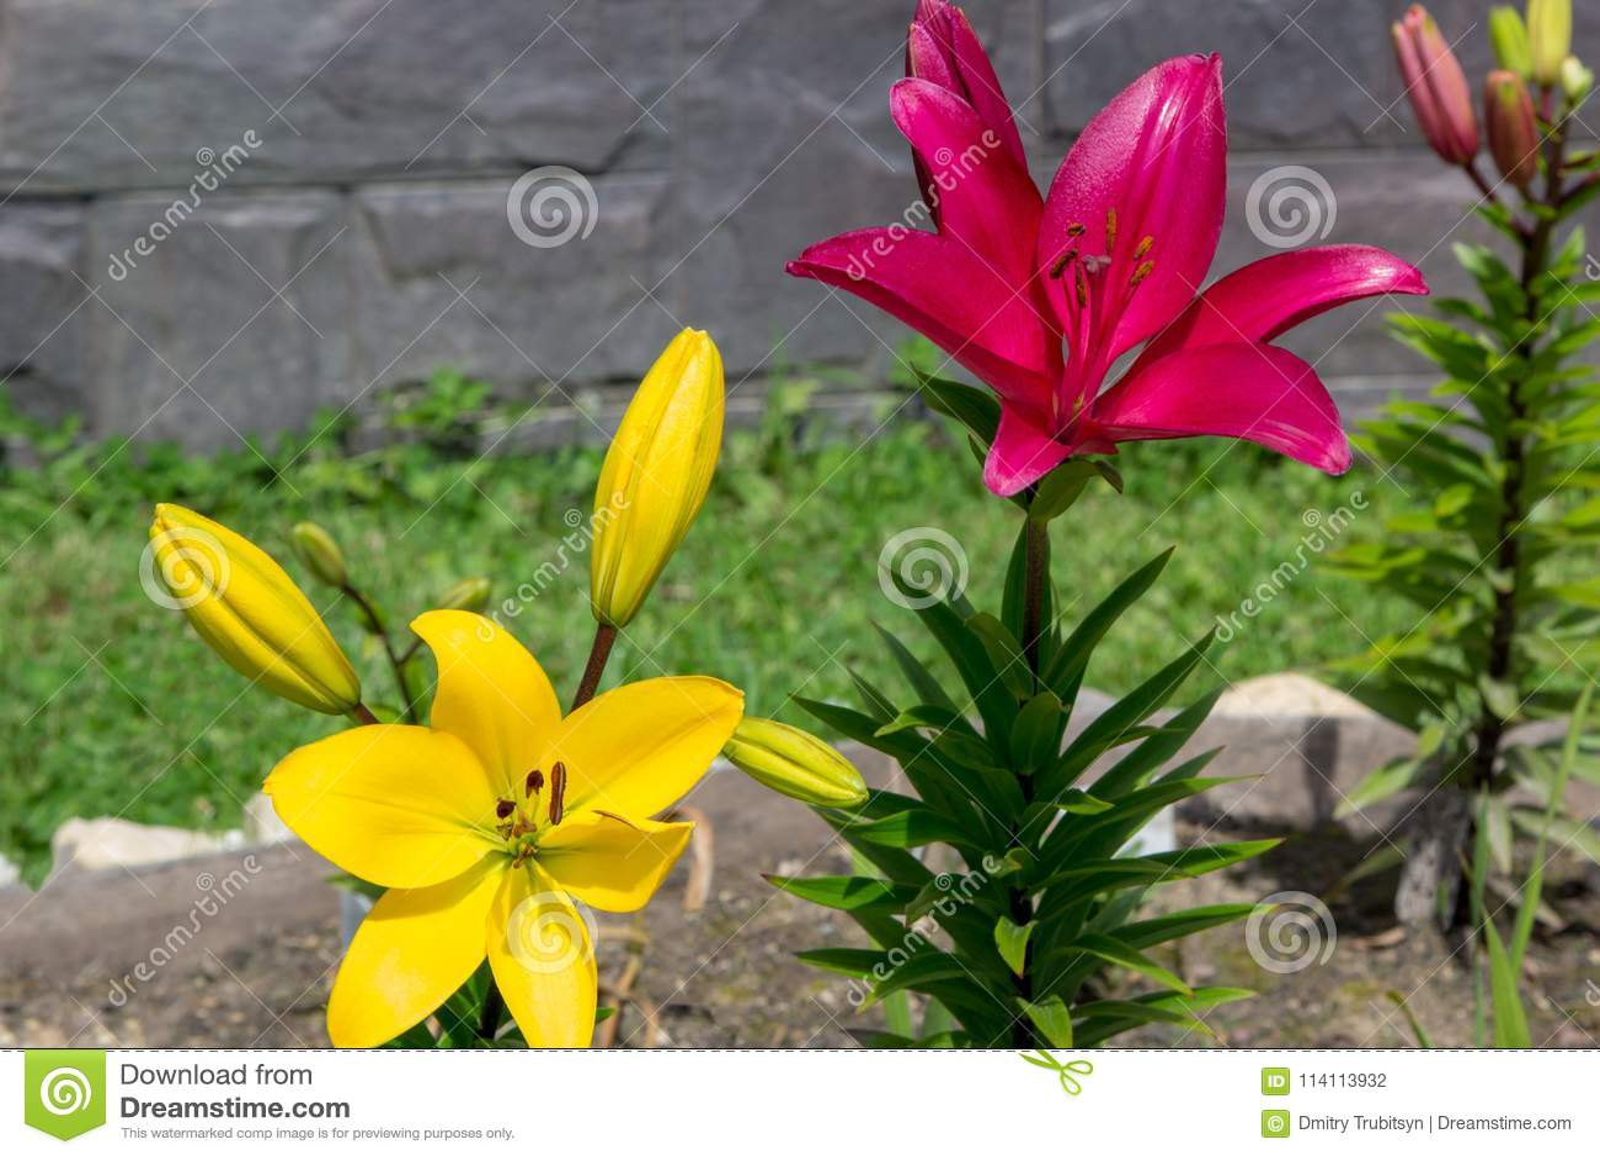 Große Blumen Von Roten Und Gelben Lilien Im Garten Stockfoto Bild